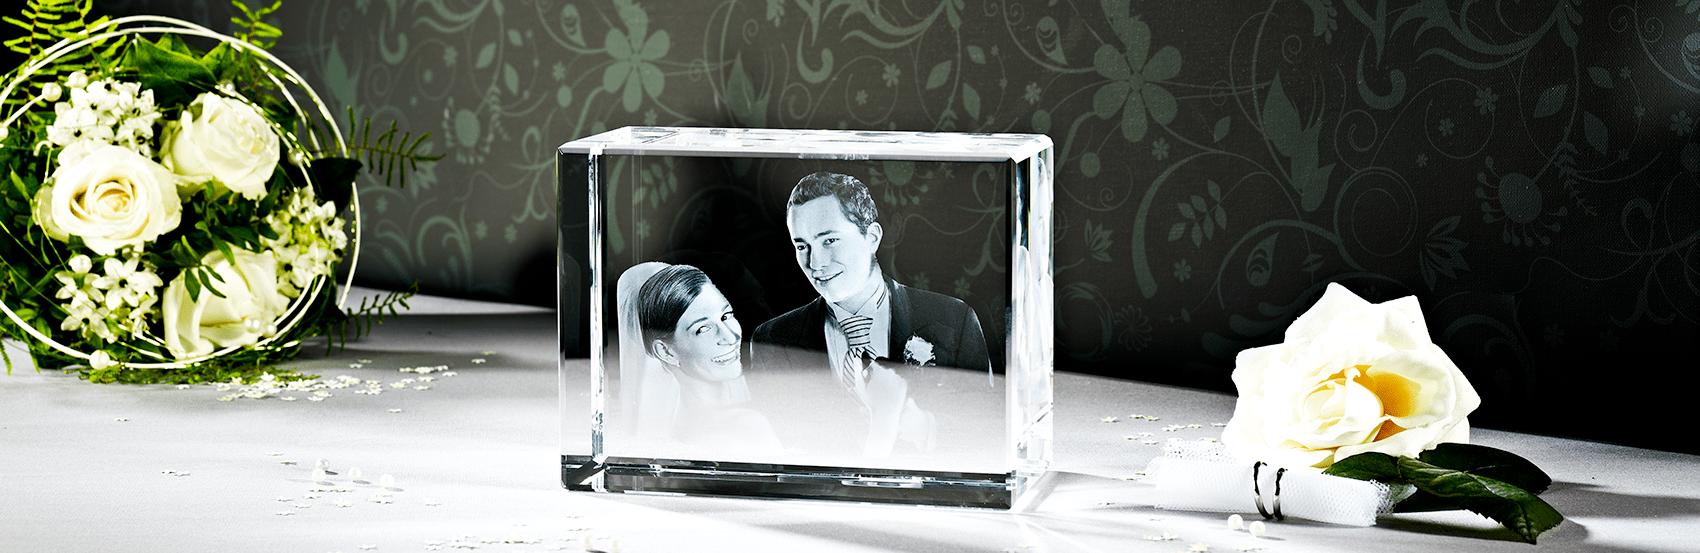 Das 3D Laser Foto ist perfekt geeignet für Ihr Hochzeitsfoto.